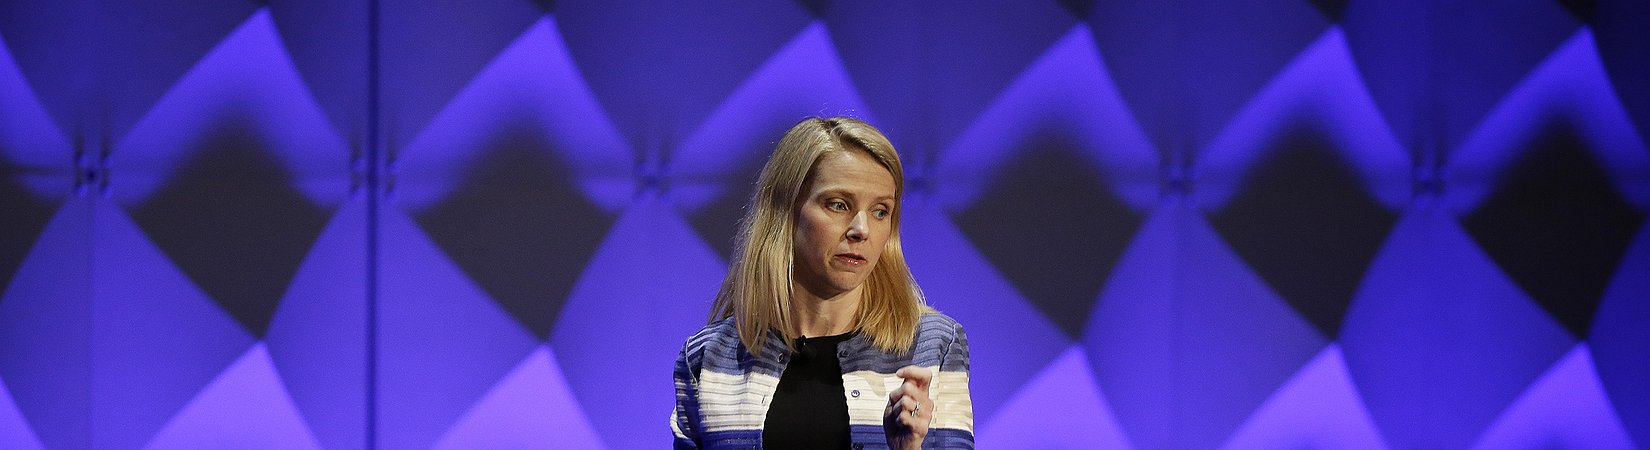 Verizon завершила сделку по покупке Yahoo! за $4,5 млрд